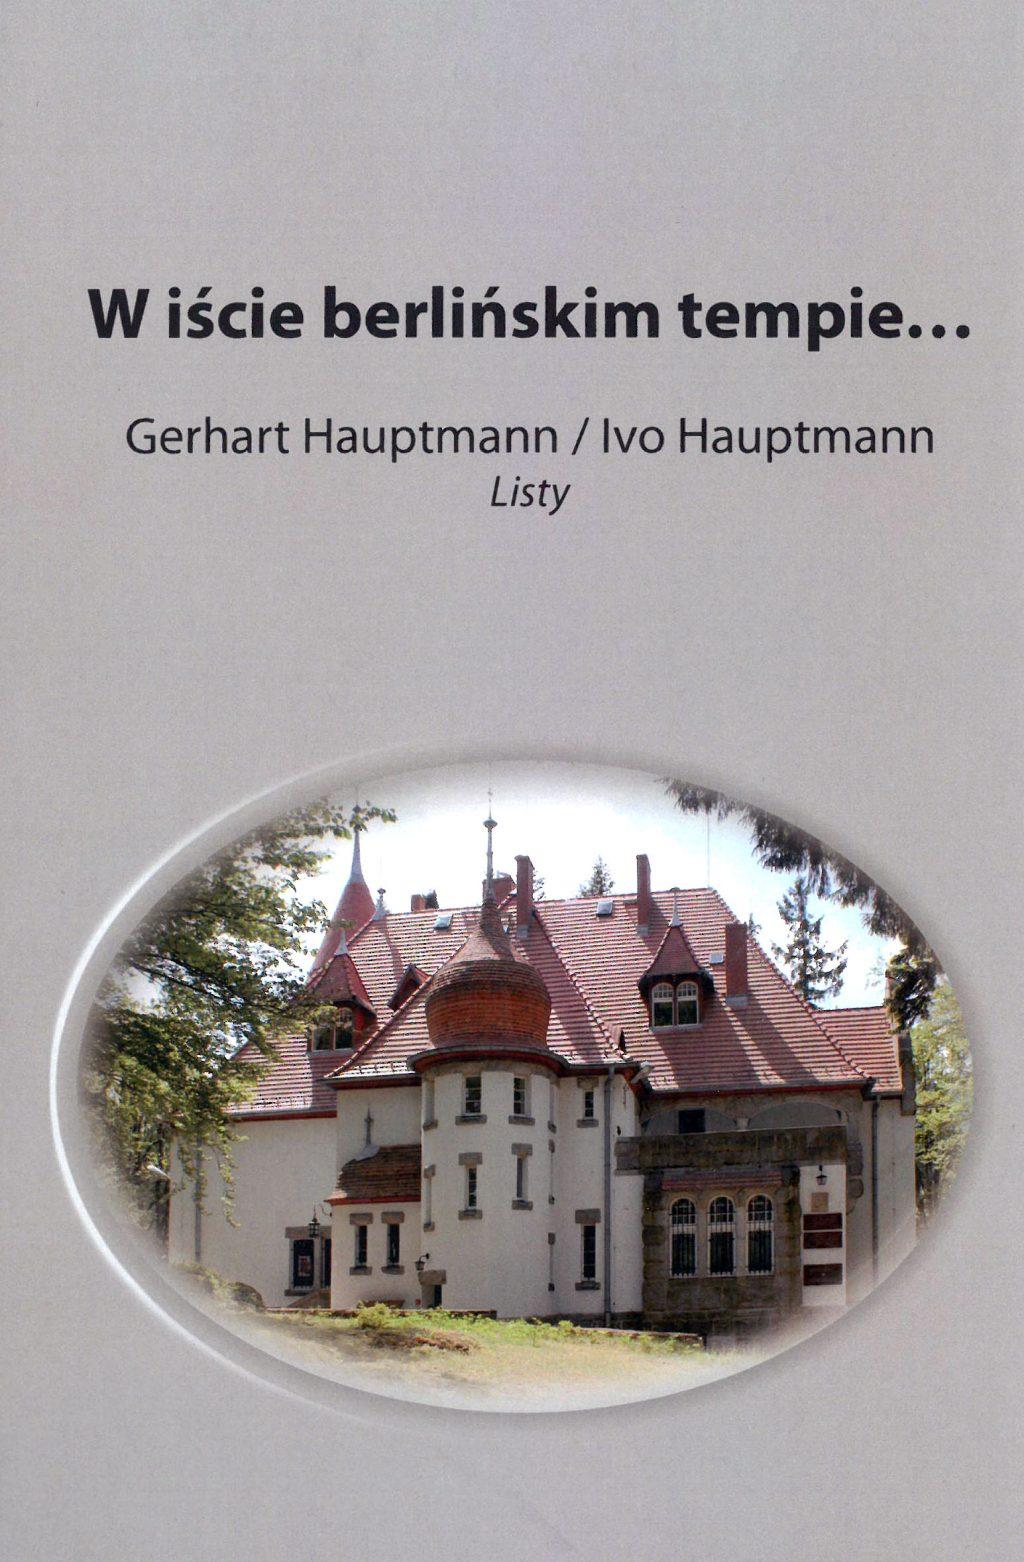 W iście berlińskim tempie... Listy Gerharta Hauptmanna do syna Ivo Hauptmanna